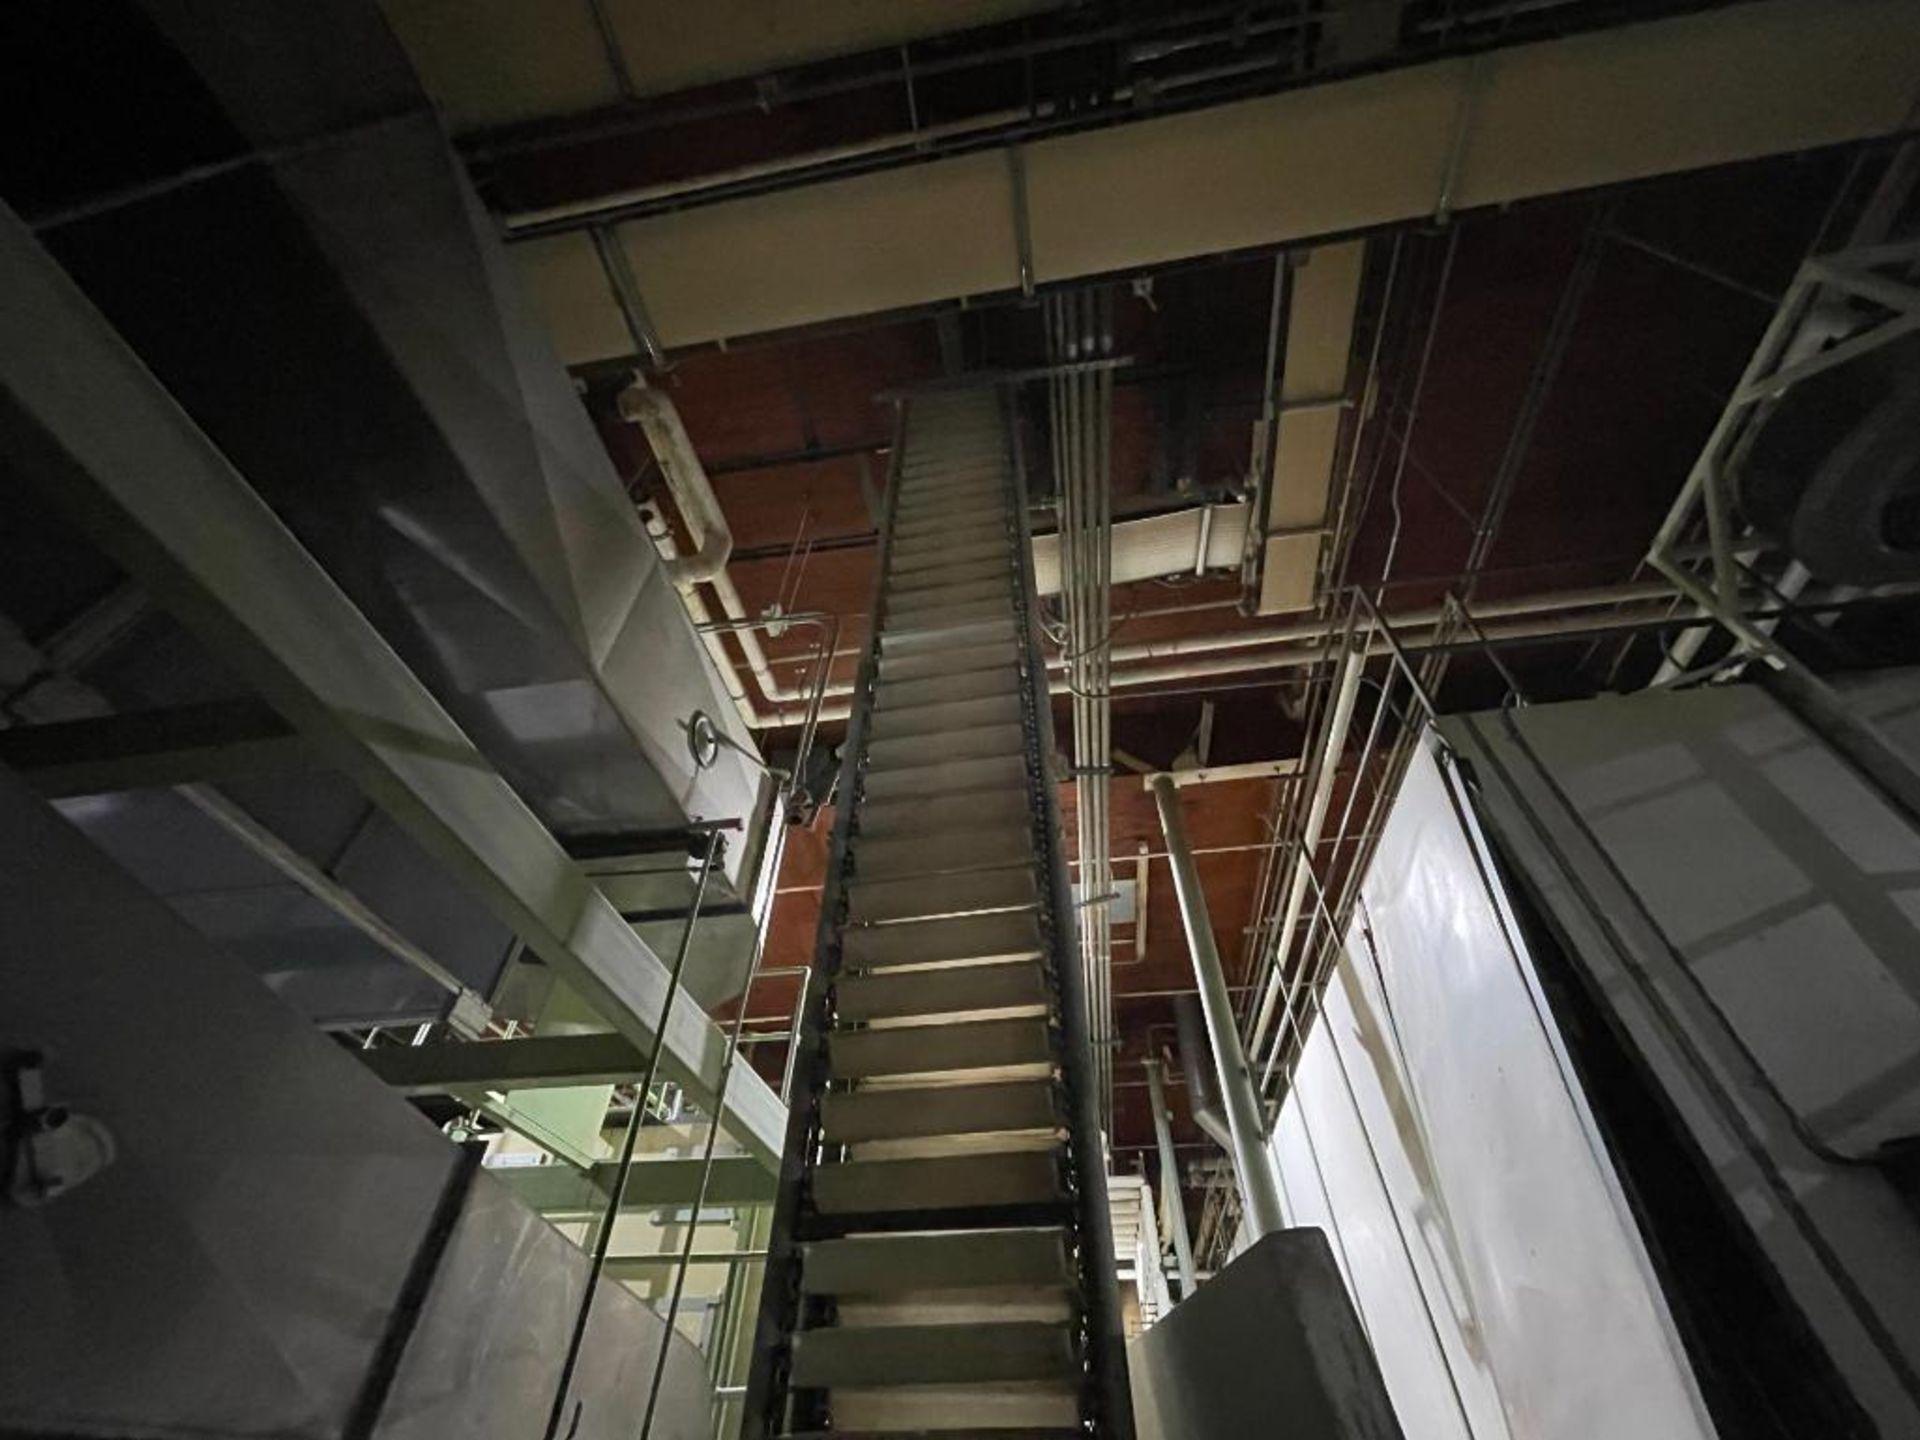 Aseeco overlapping bucket elevator - Image 4 of 14